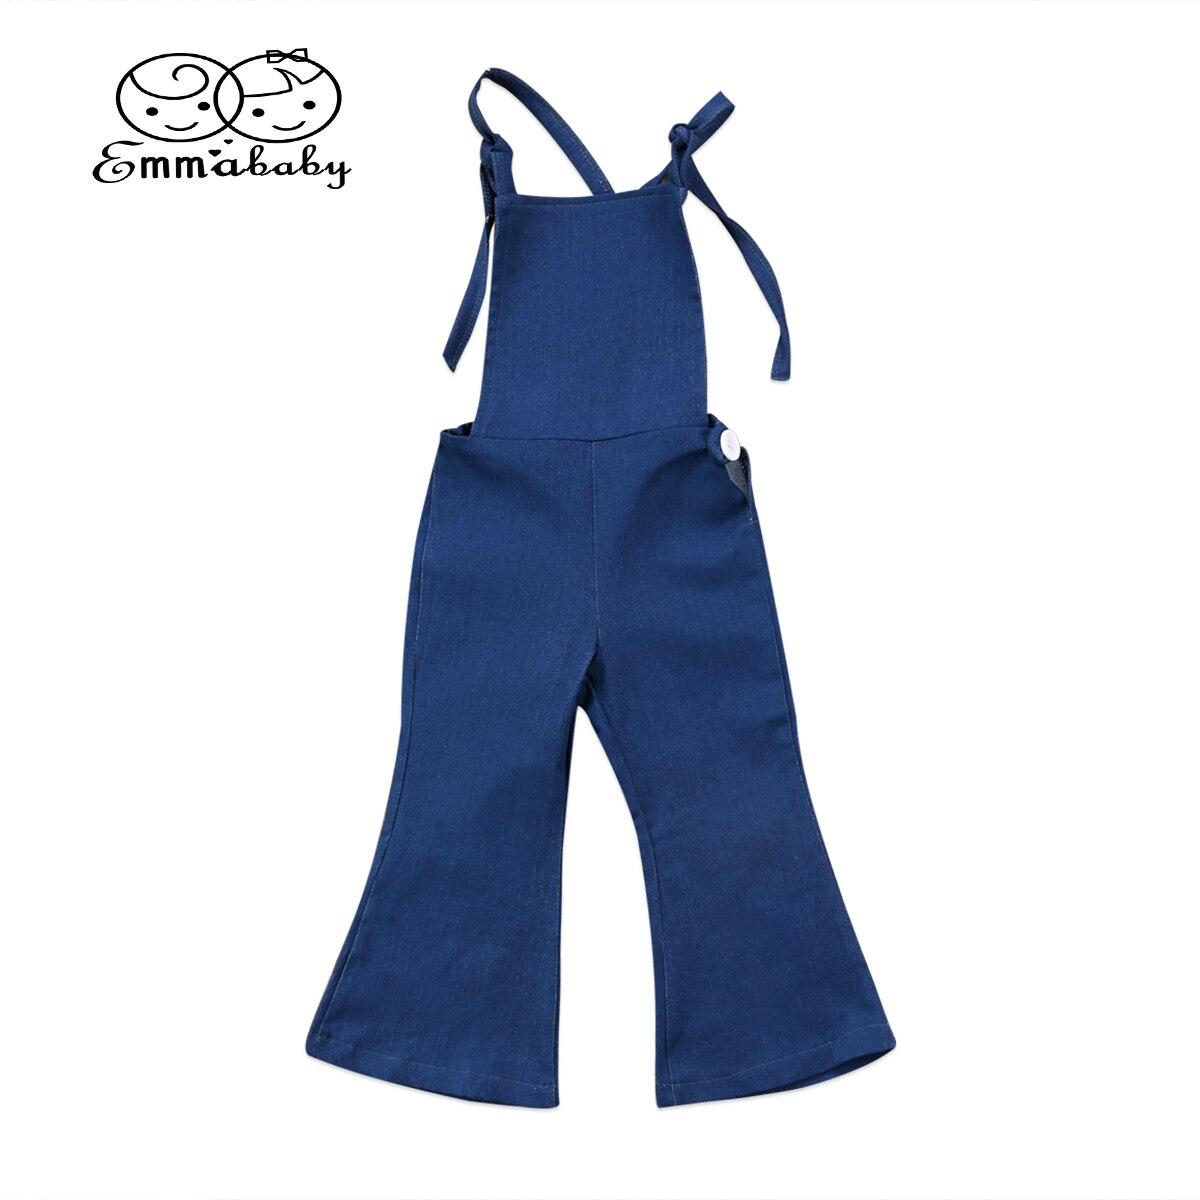 Gepäck & Taschen Womail Frauen Shorts Sommer Jeans Sexy Dünne Strand Beiläufige Kurze Jeans Hohe Taille Shorts Täglichen Shorts Denim Farbe Dropship J23